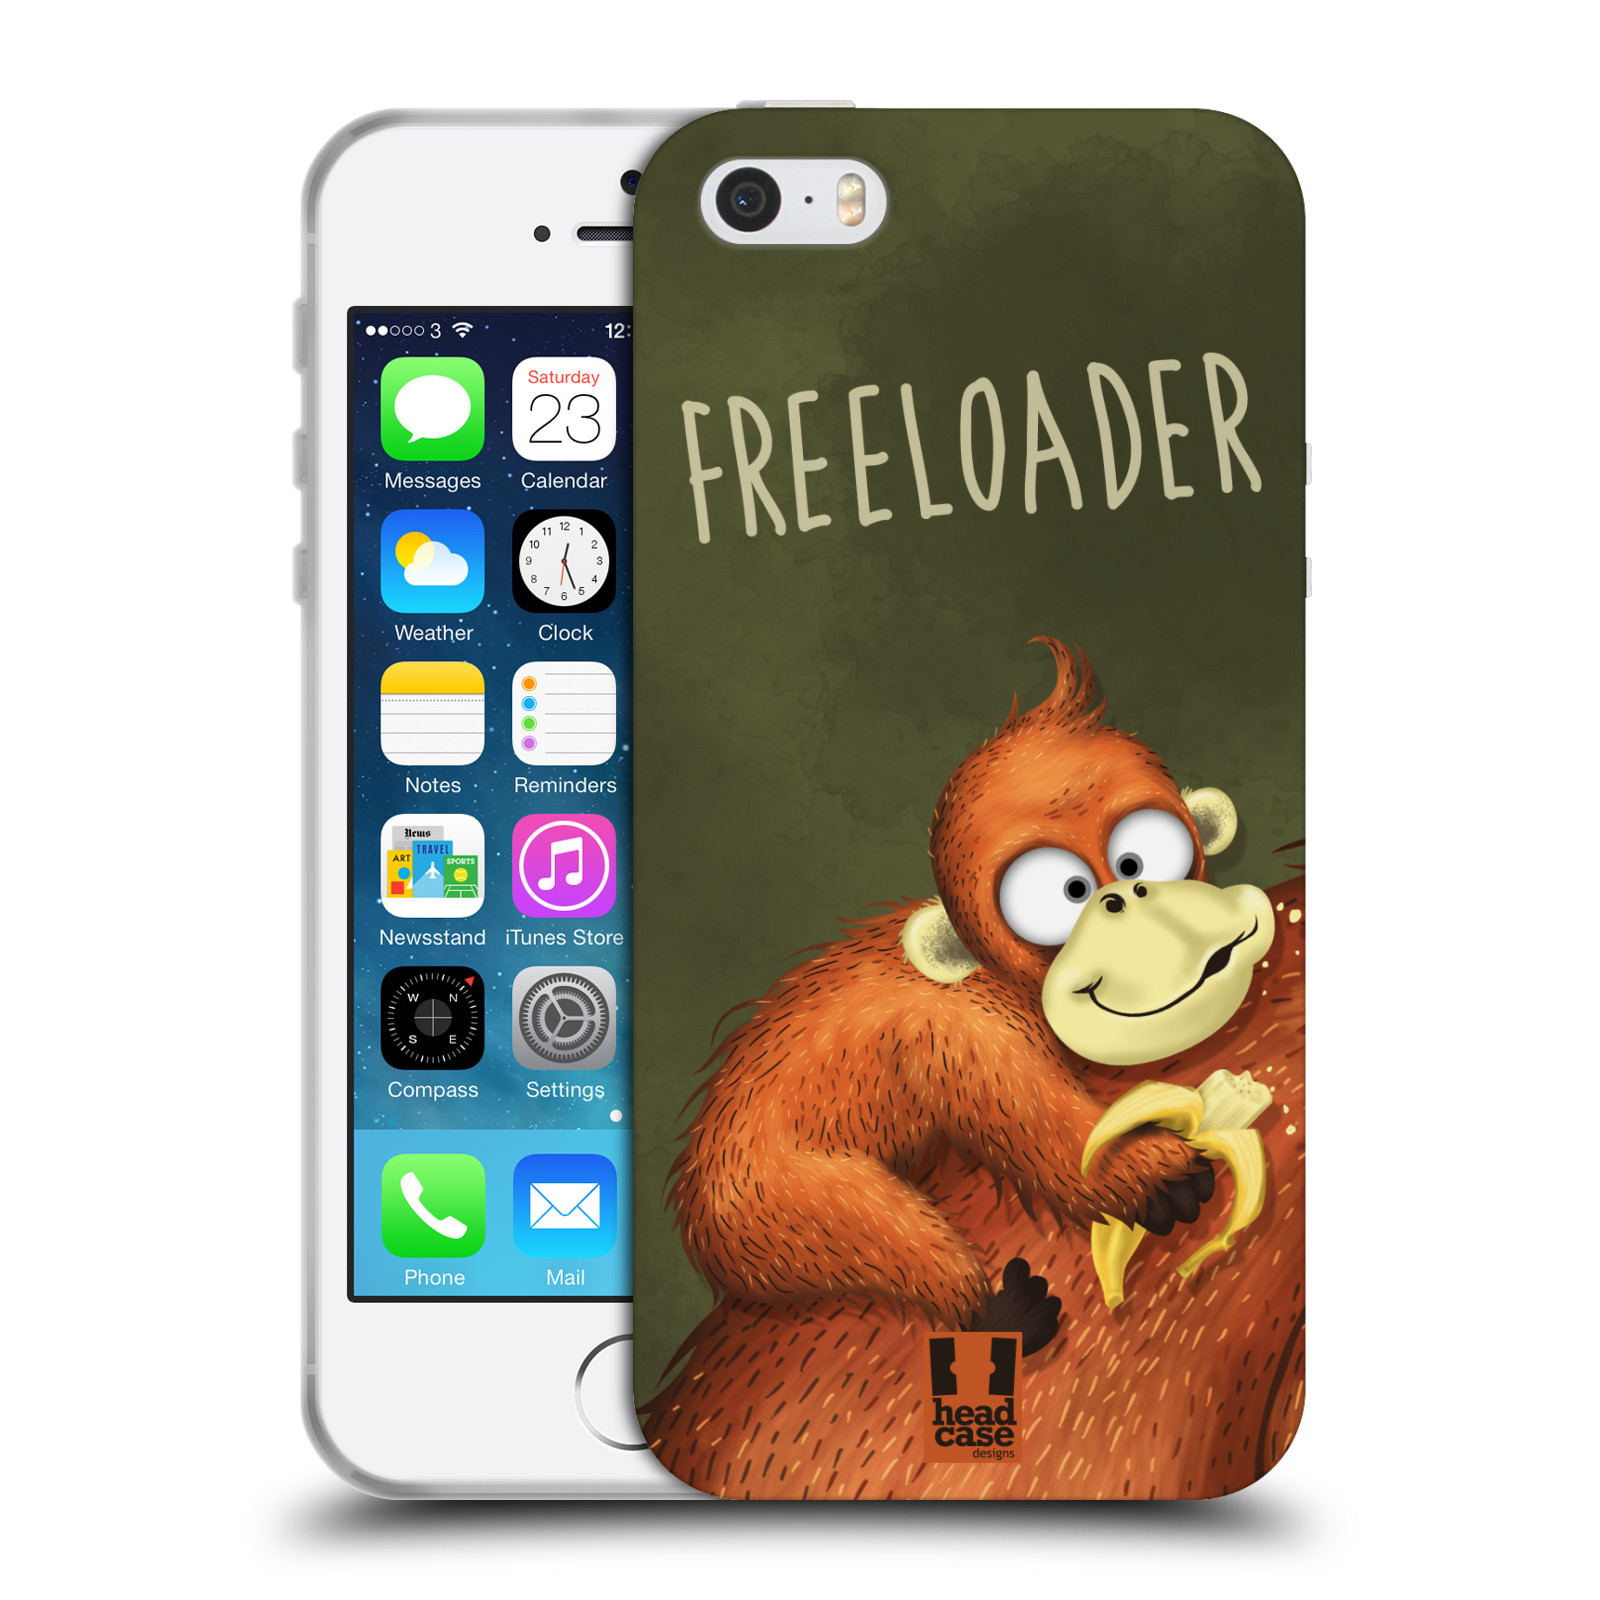 Silikonové pouzdro na mobil Apple iPhone SE, 5 a 5S HEAD CASE Opičák Freeloader (Silikonový kryt či obal na mobilní telefon Apple iPhone SE, 5 a 5S)